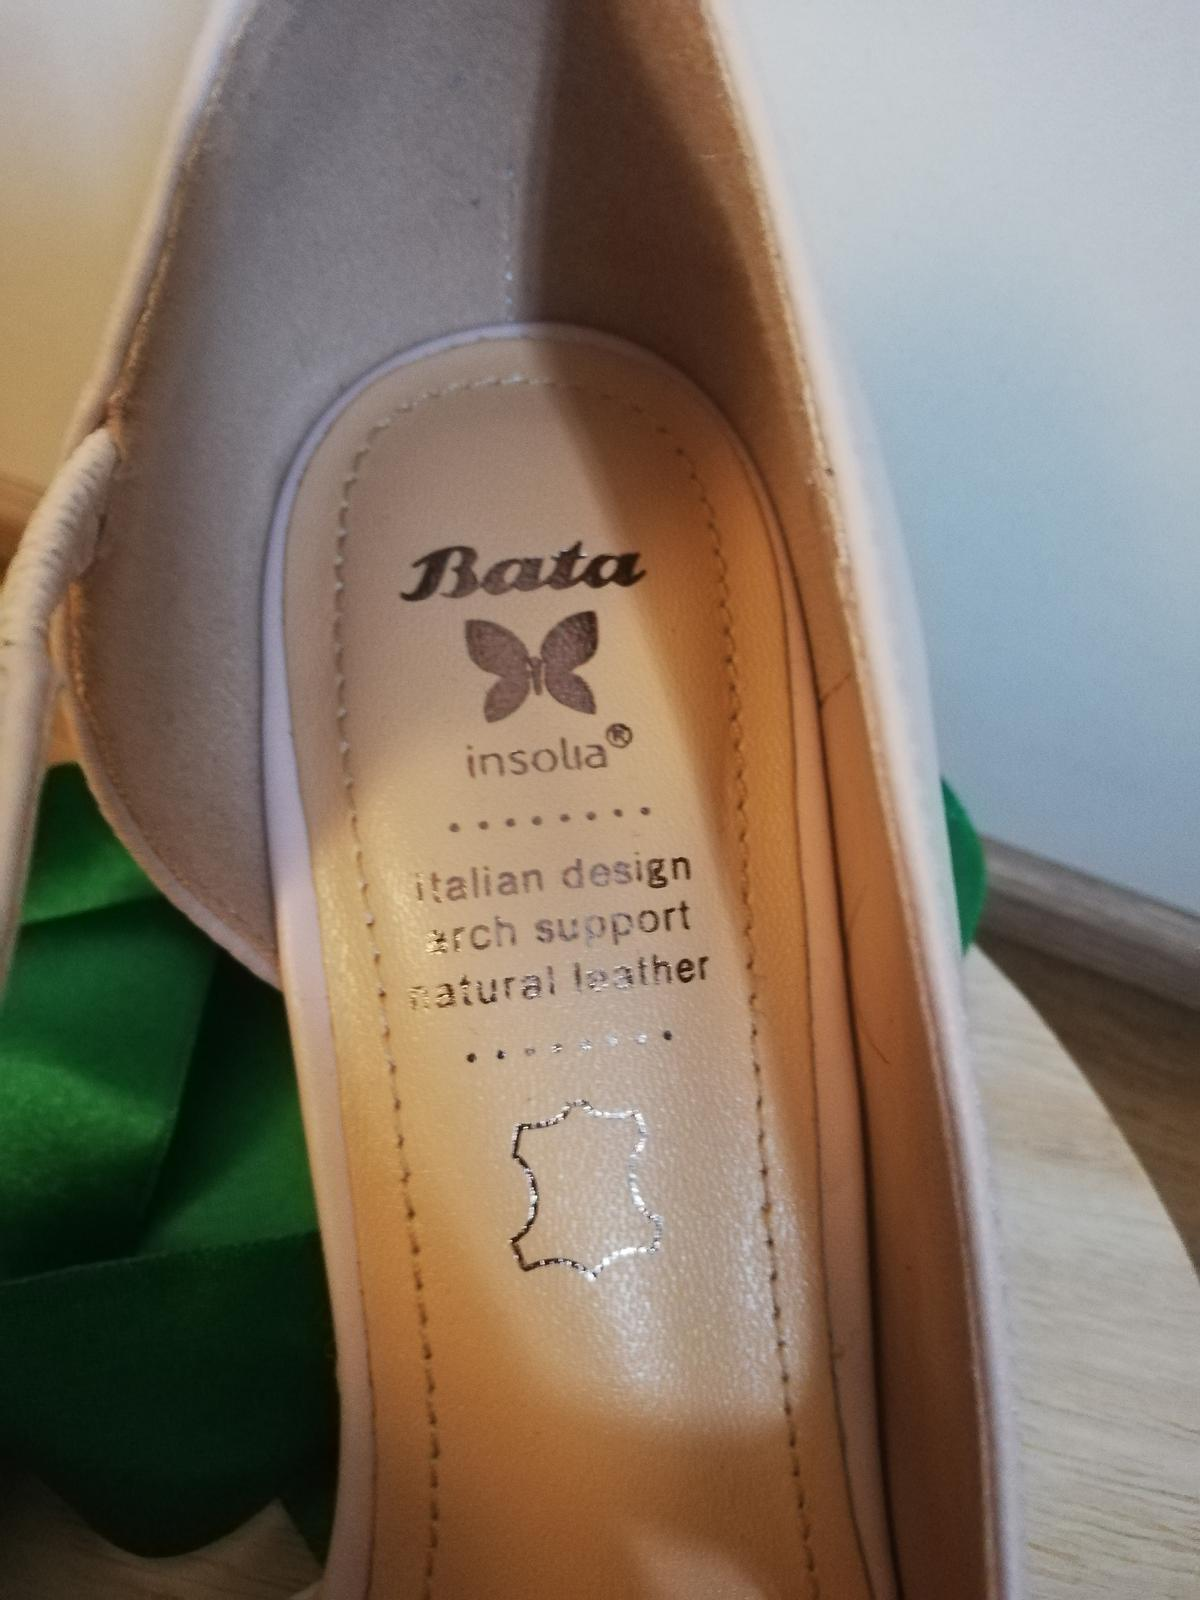 Svatební/polečenské boty - Obrázek č. 3